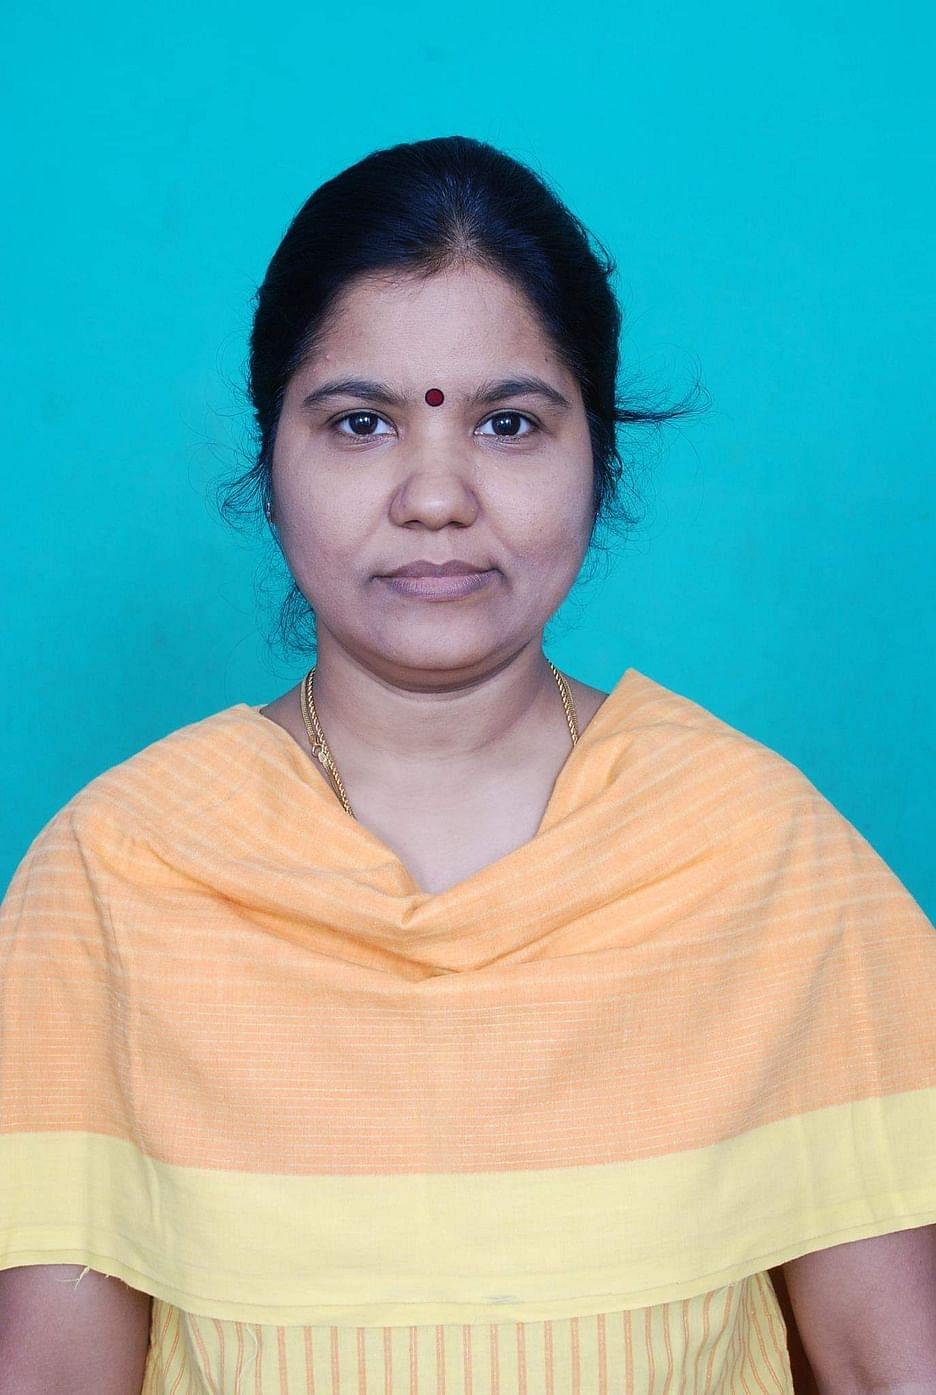 சாந்தி ரவீந்திரநாத்